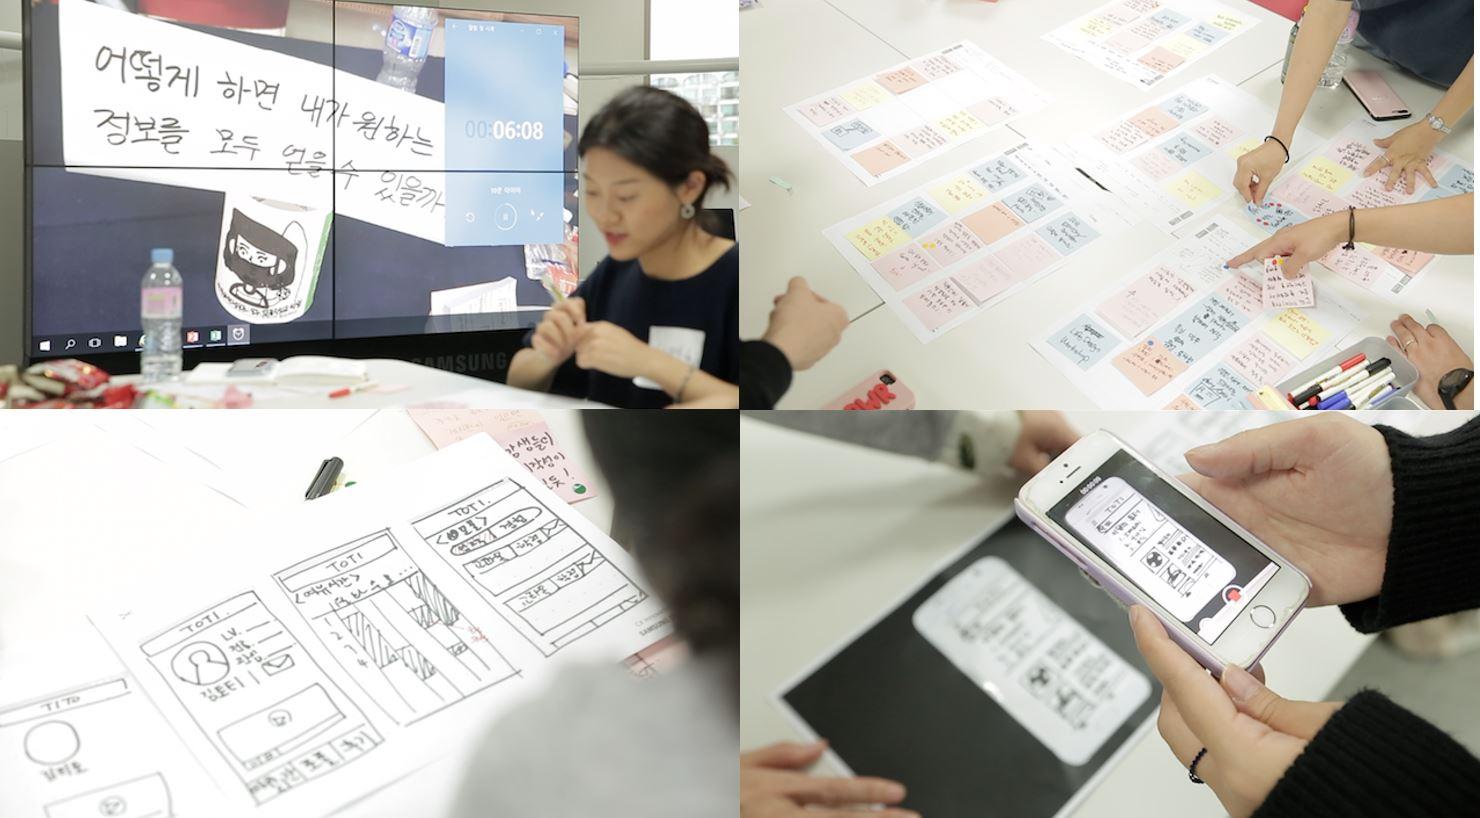 소셜 팬과 함께 한 삼성SDS 오프라인 이벤트 2018년 스토리!